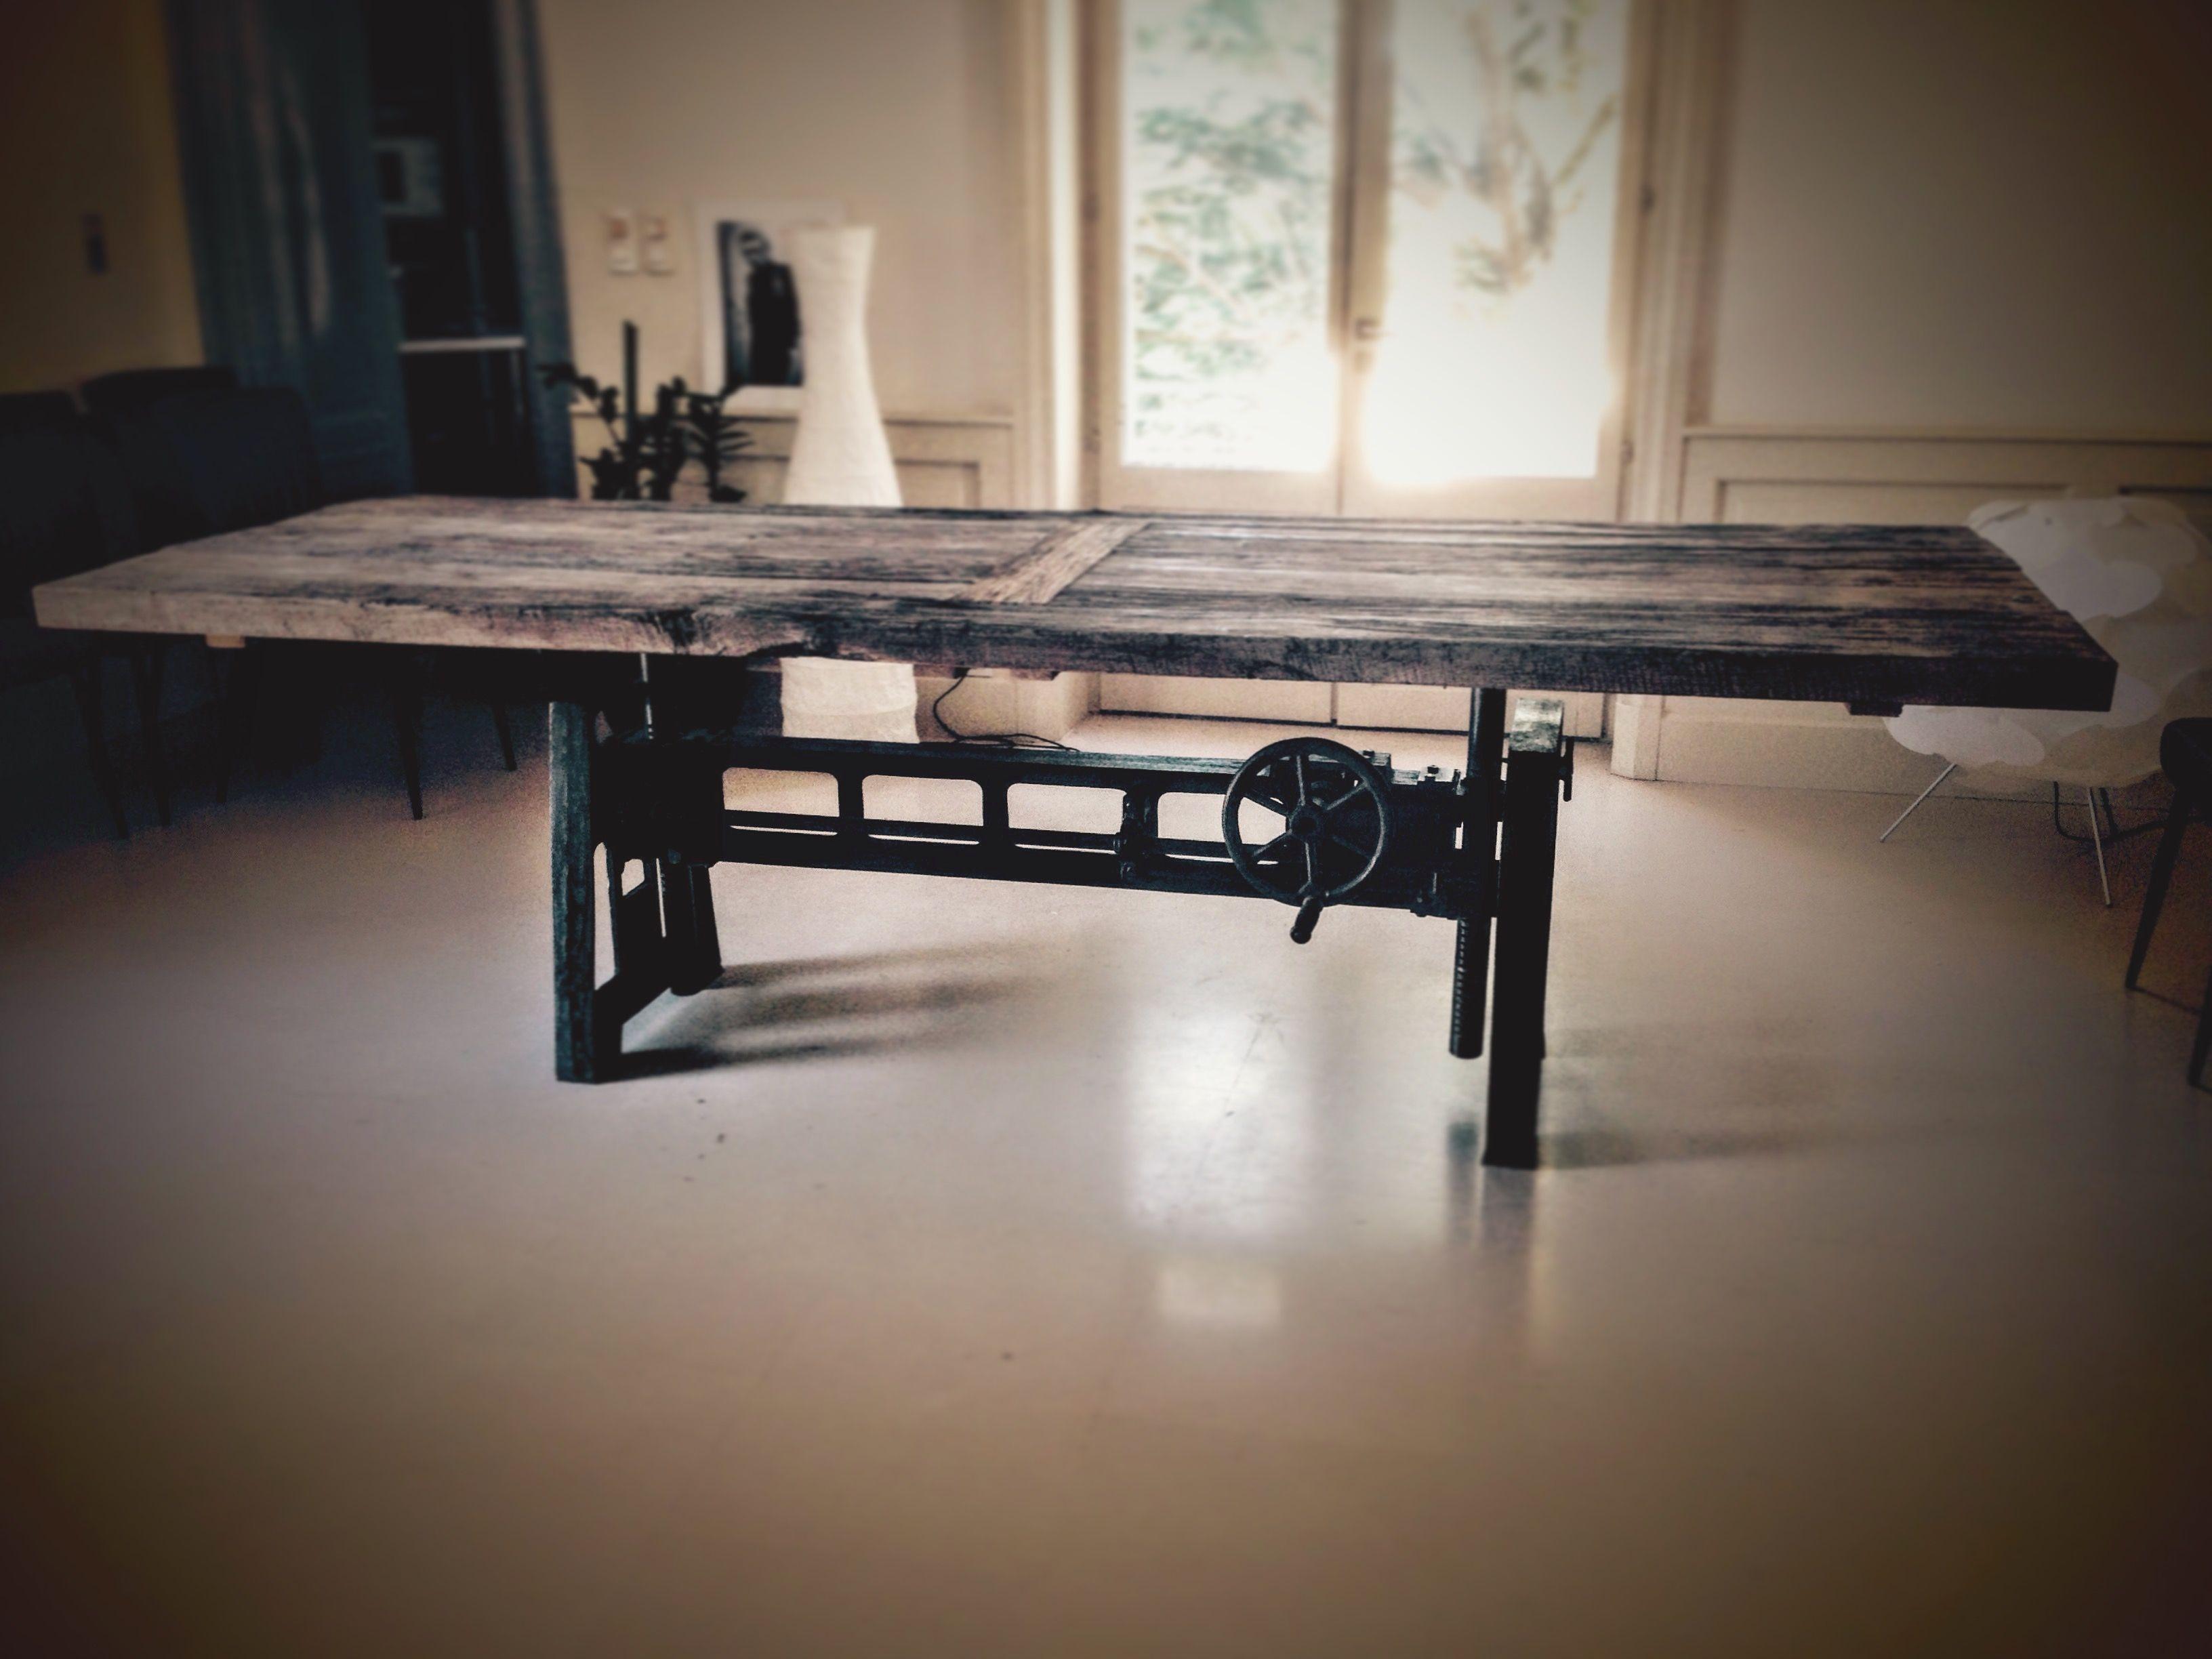 Table Elevatrice Pied Carre En Fonte Bois Metal Style Industriel Table Elevatrice Meuble De Style Decoration Maison